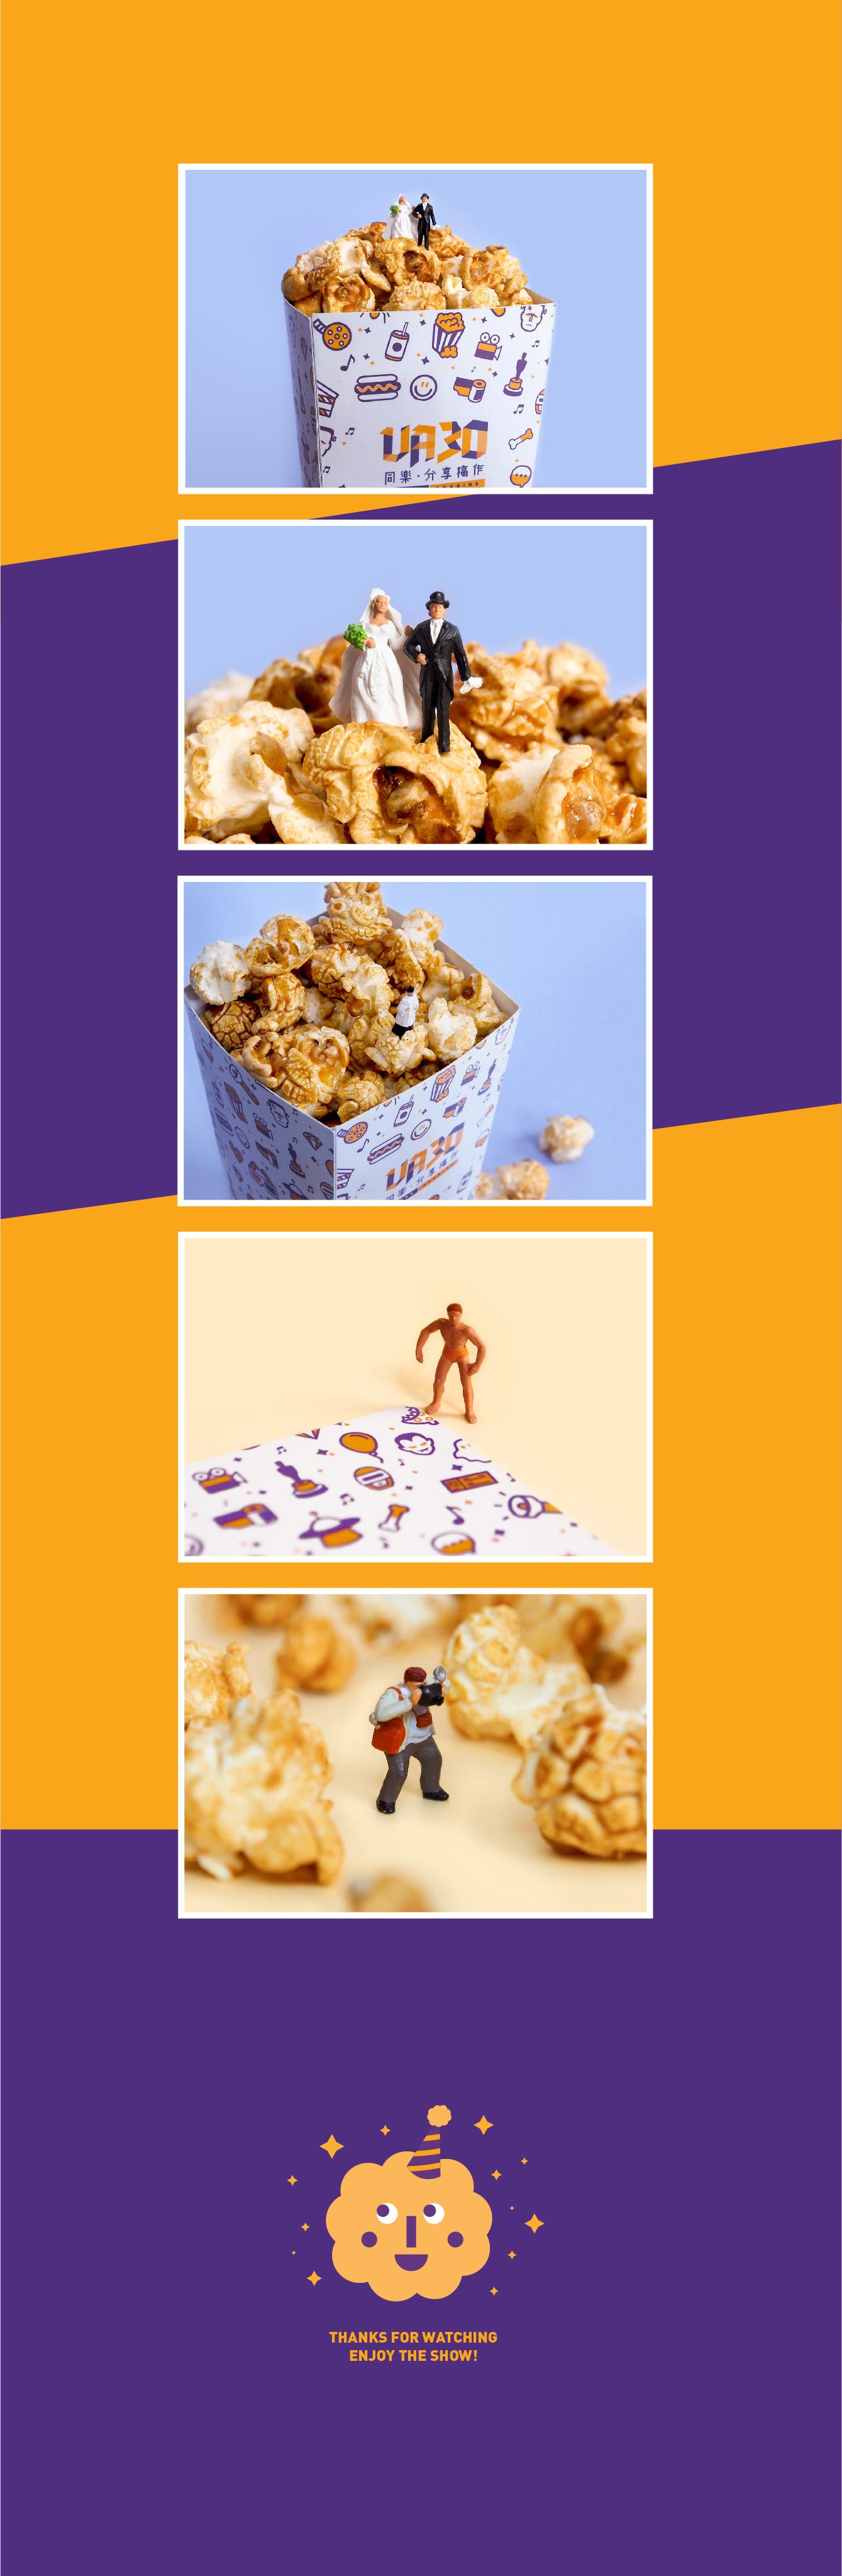 UA_BOX_PART2_3-29.jpg